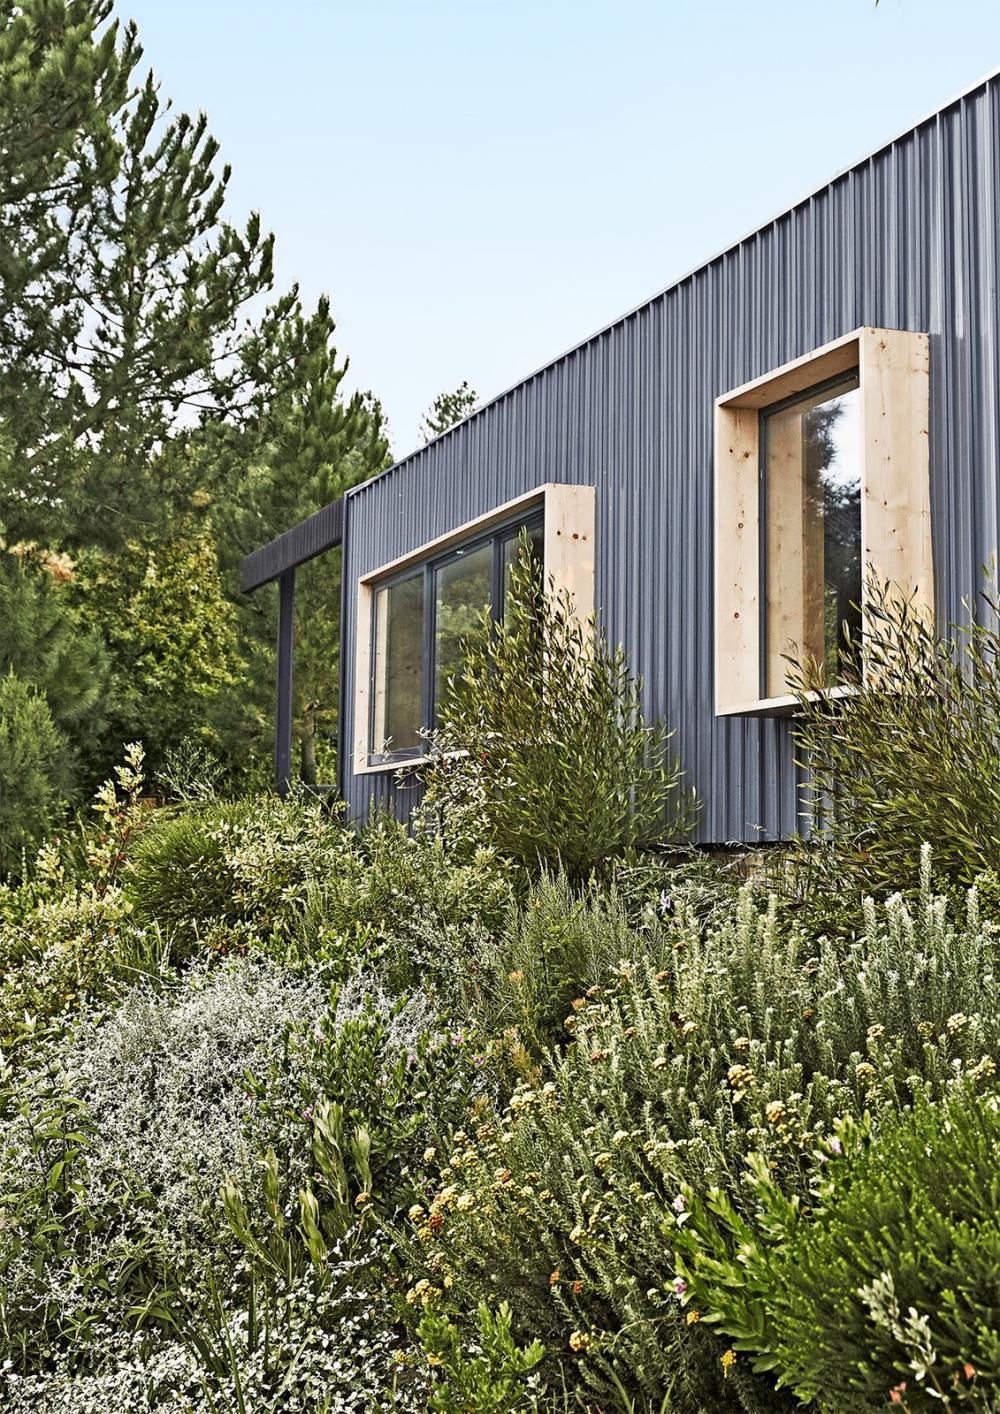 Cửa sổ được tạo điểm nhấn bằng cách đóng khung gỗ bao quanh bên ngoài